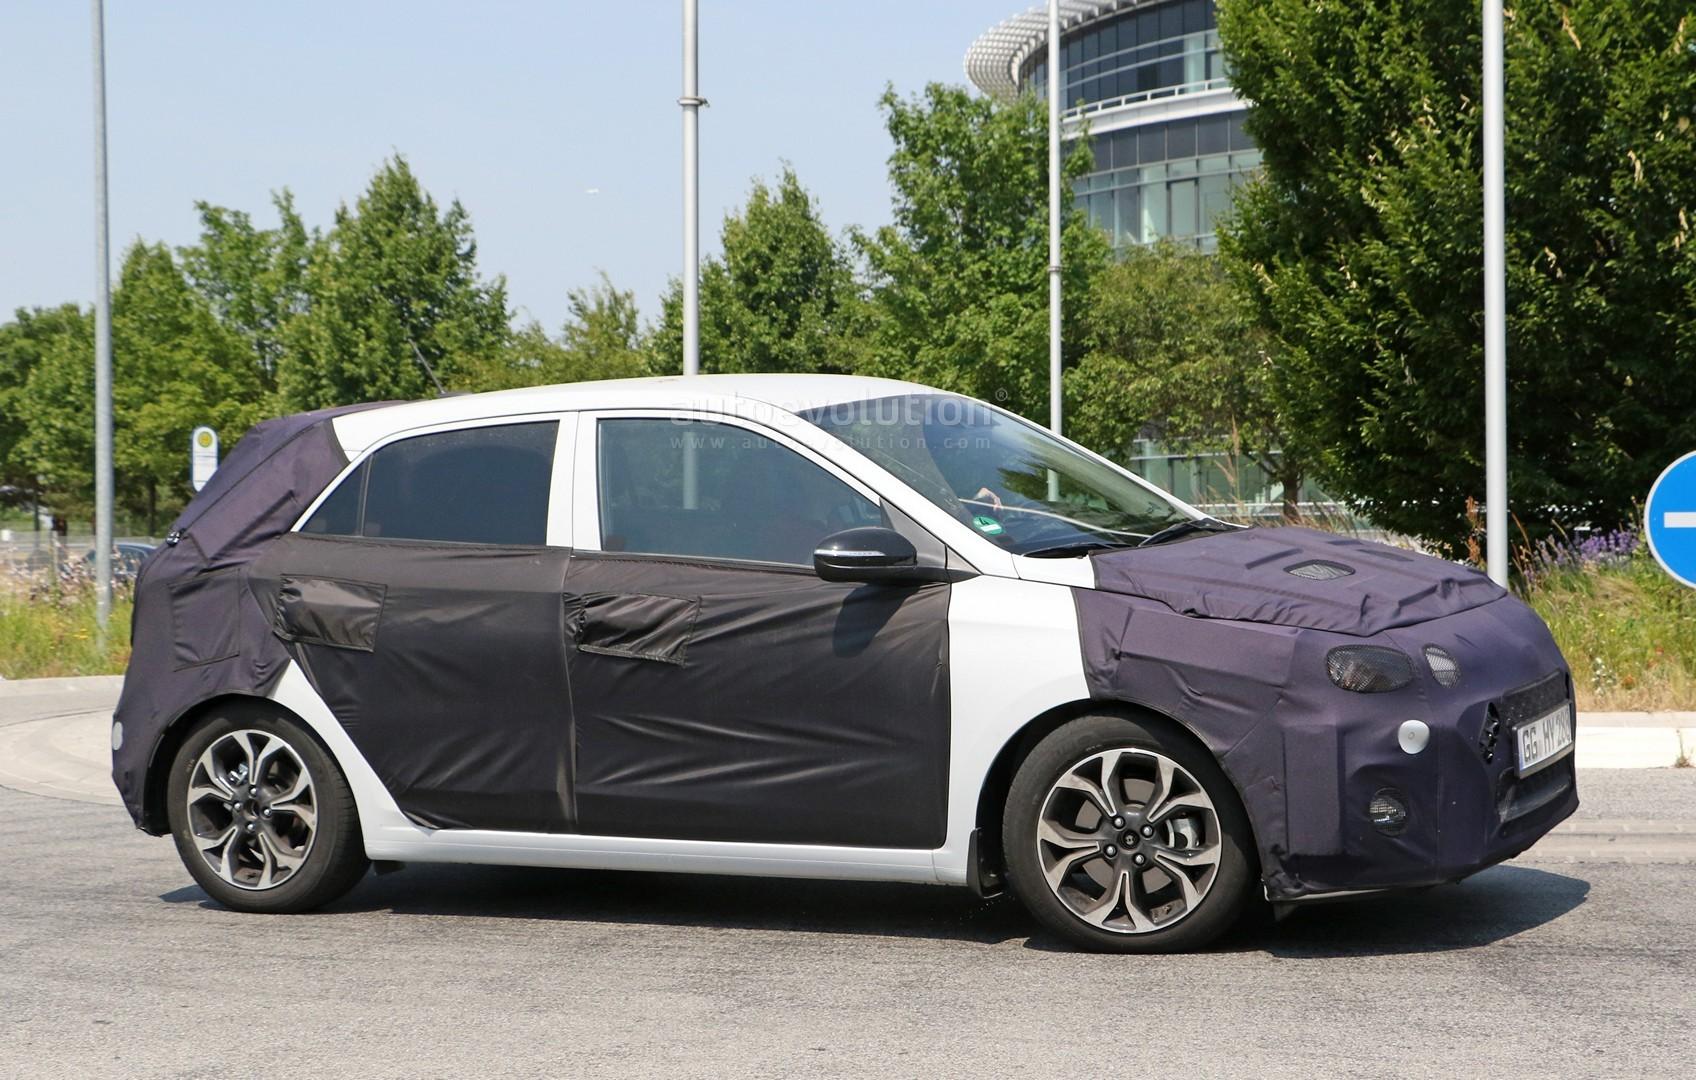 Spyshots: 2018 Hyundai i20 Facelift Looks Set to Adopt ...